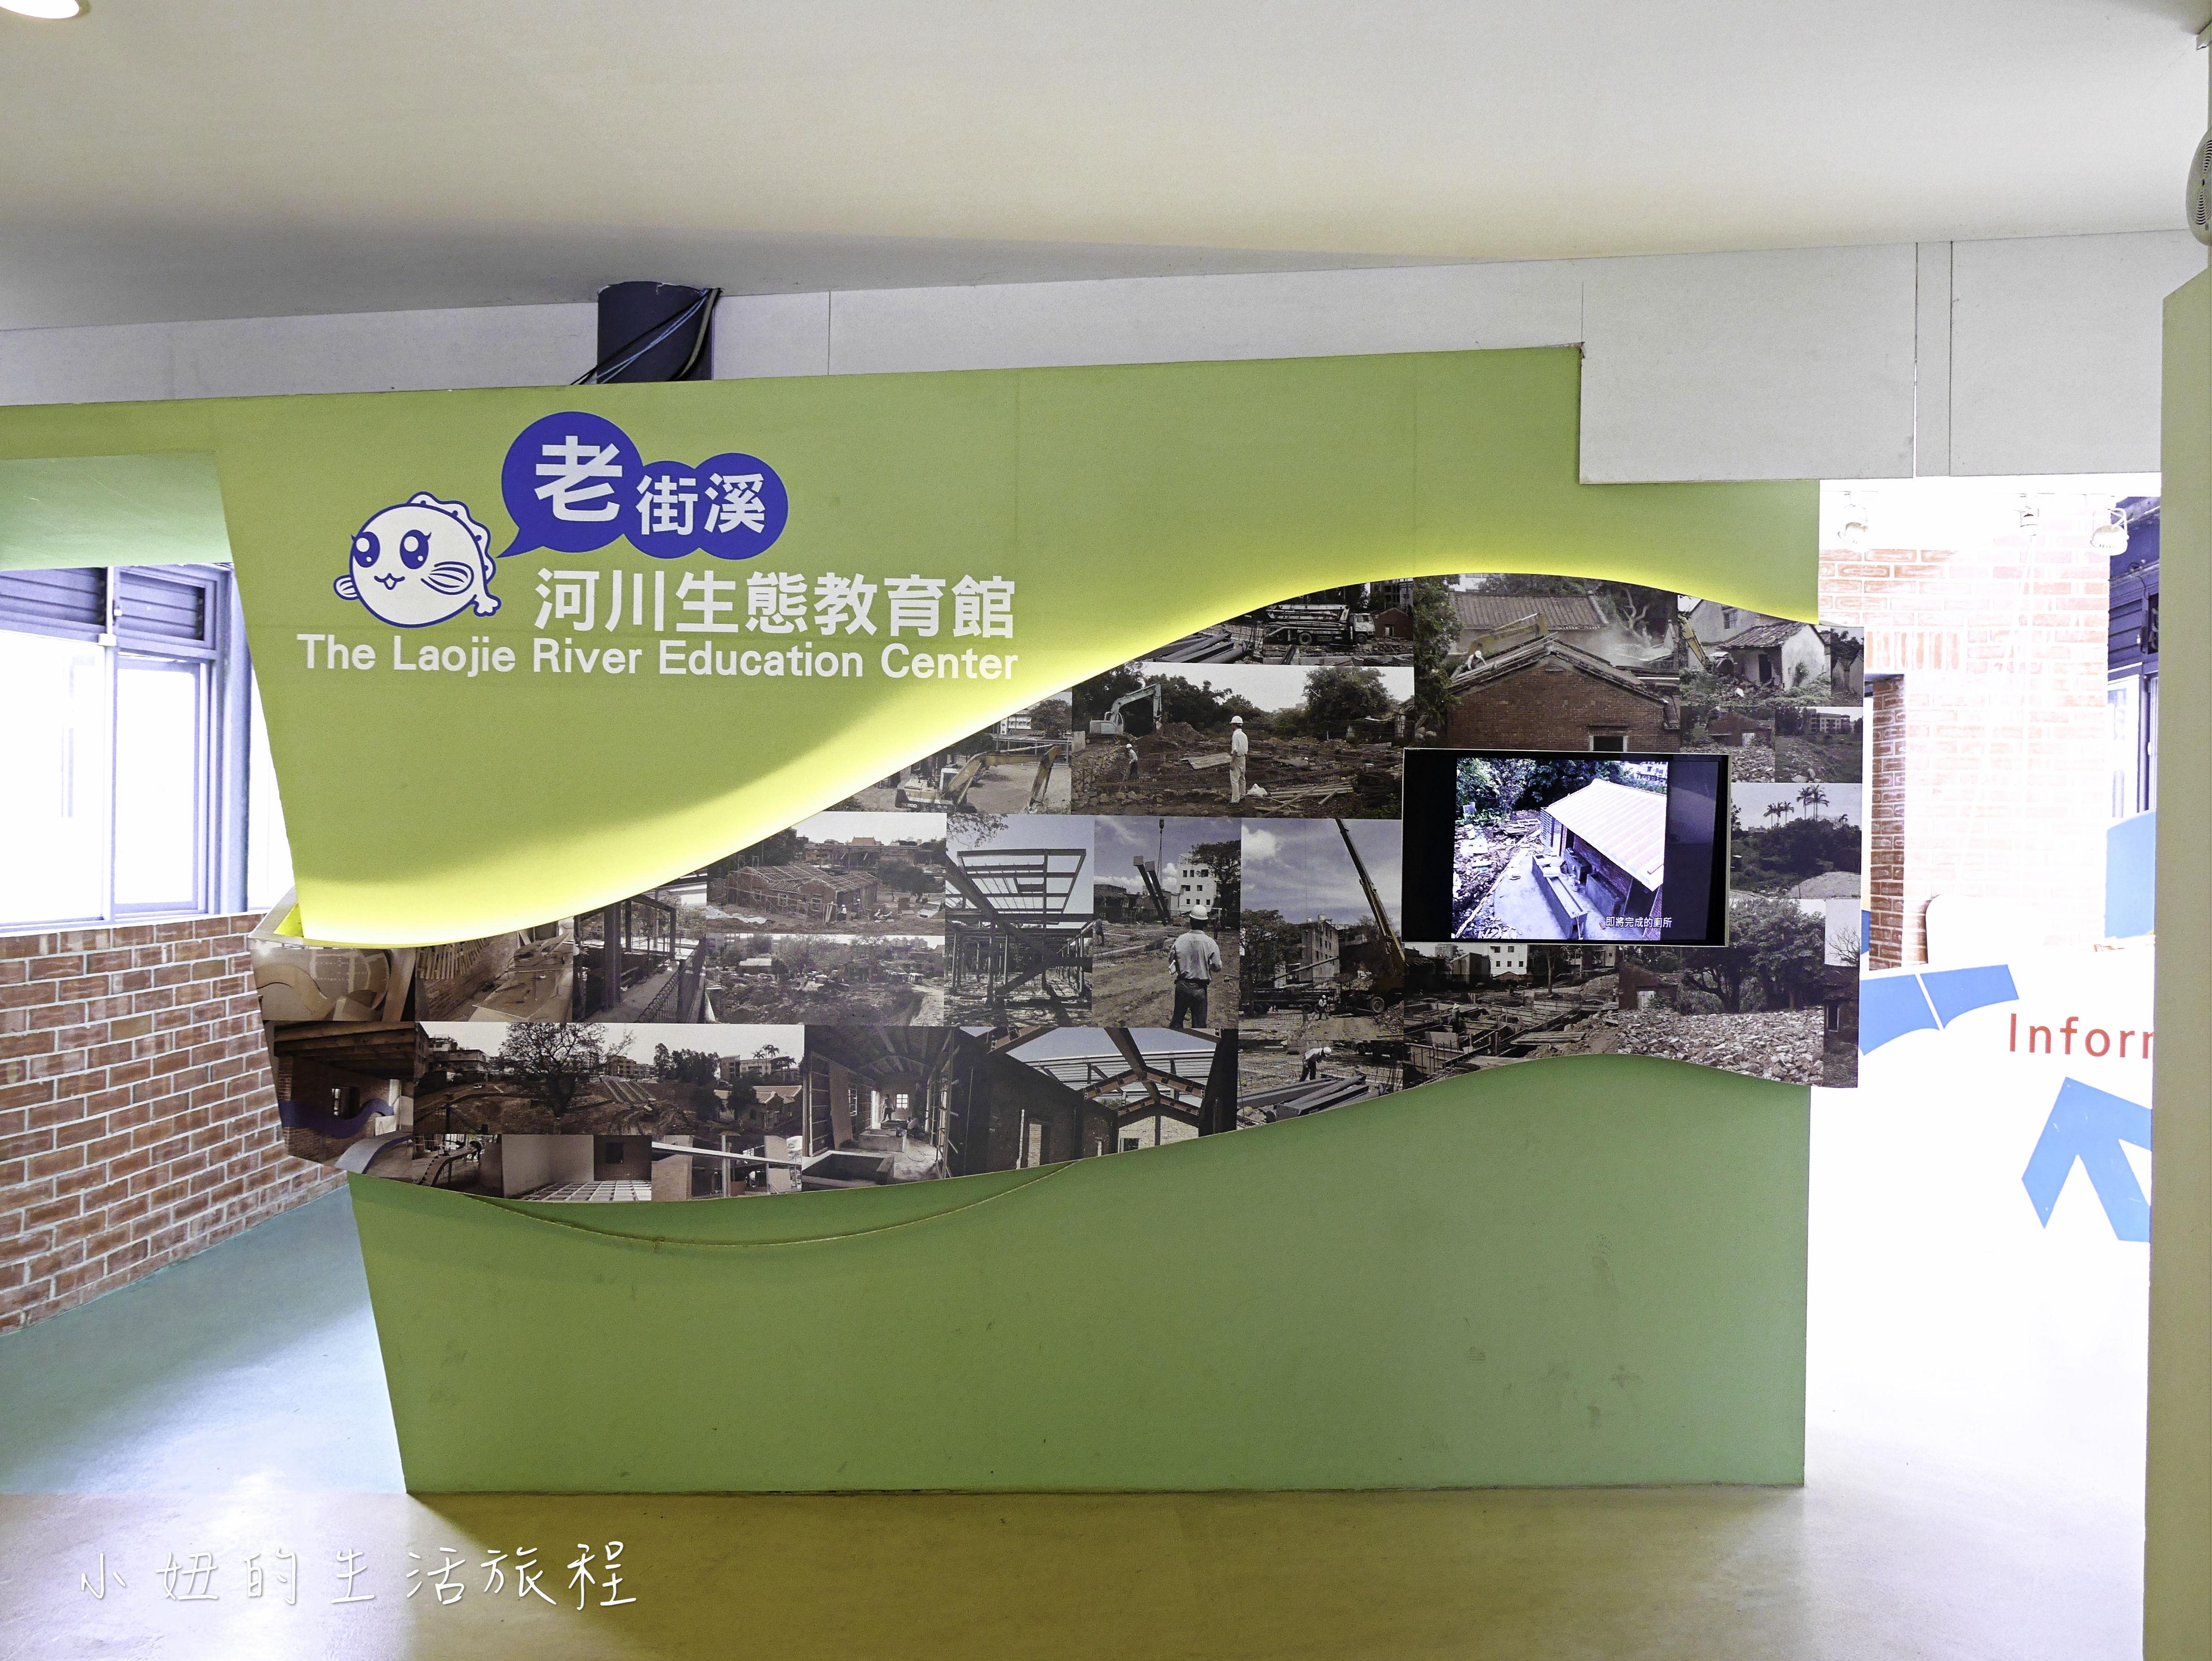 桃園機場捷運 老溪街 老街溪-56.jpg